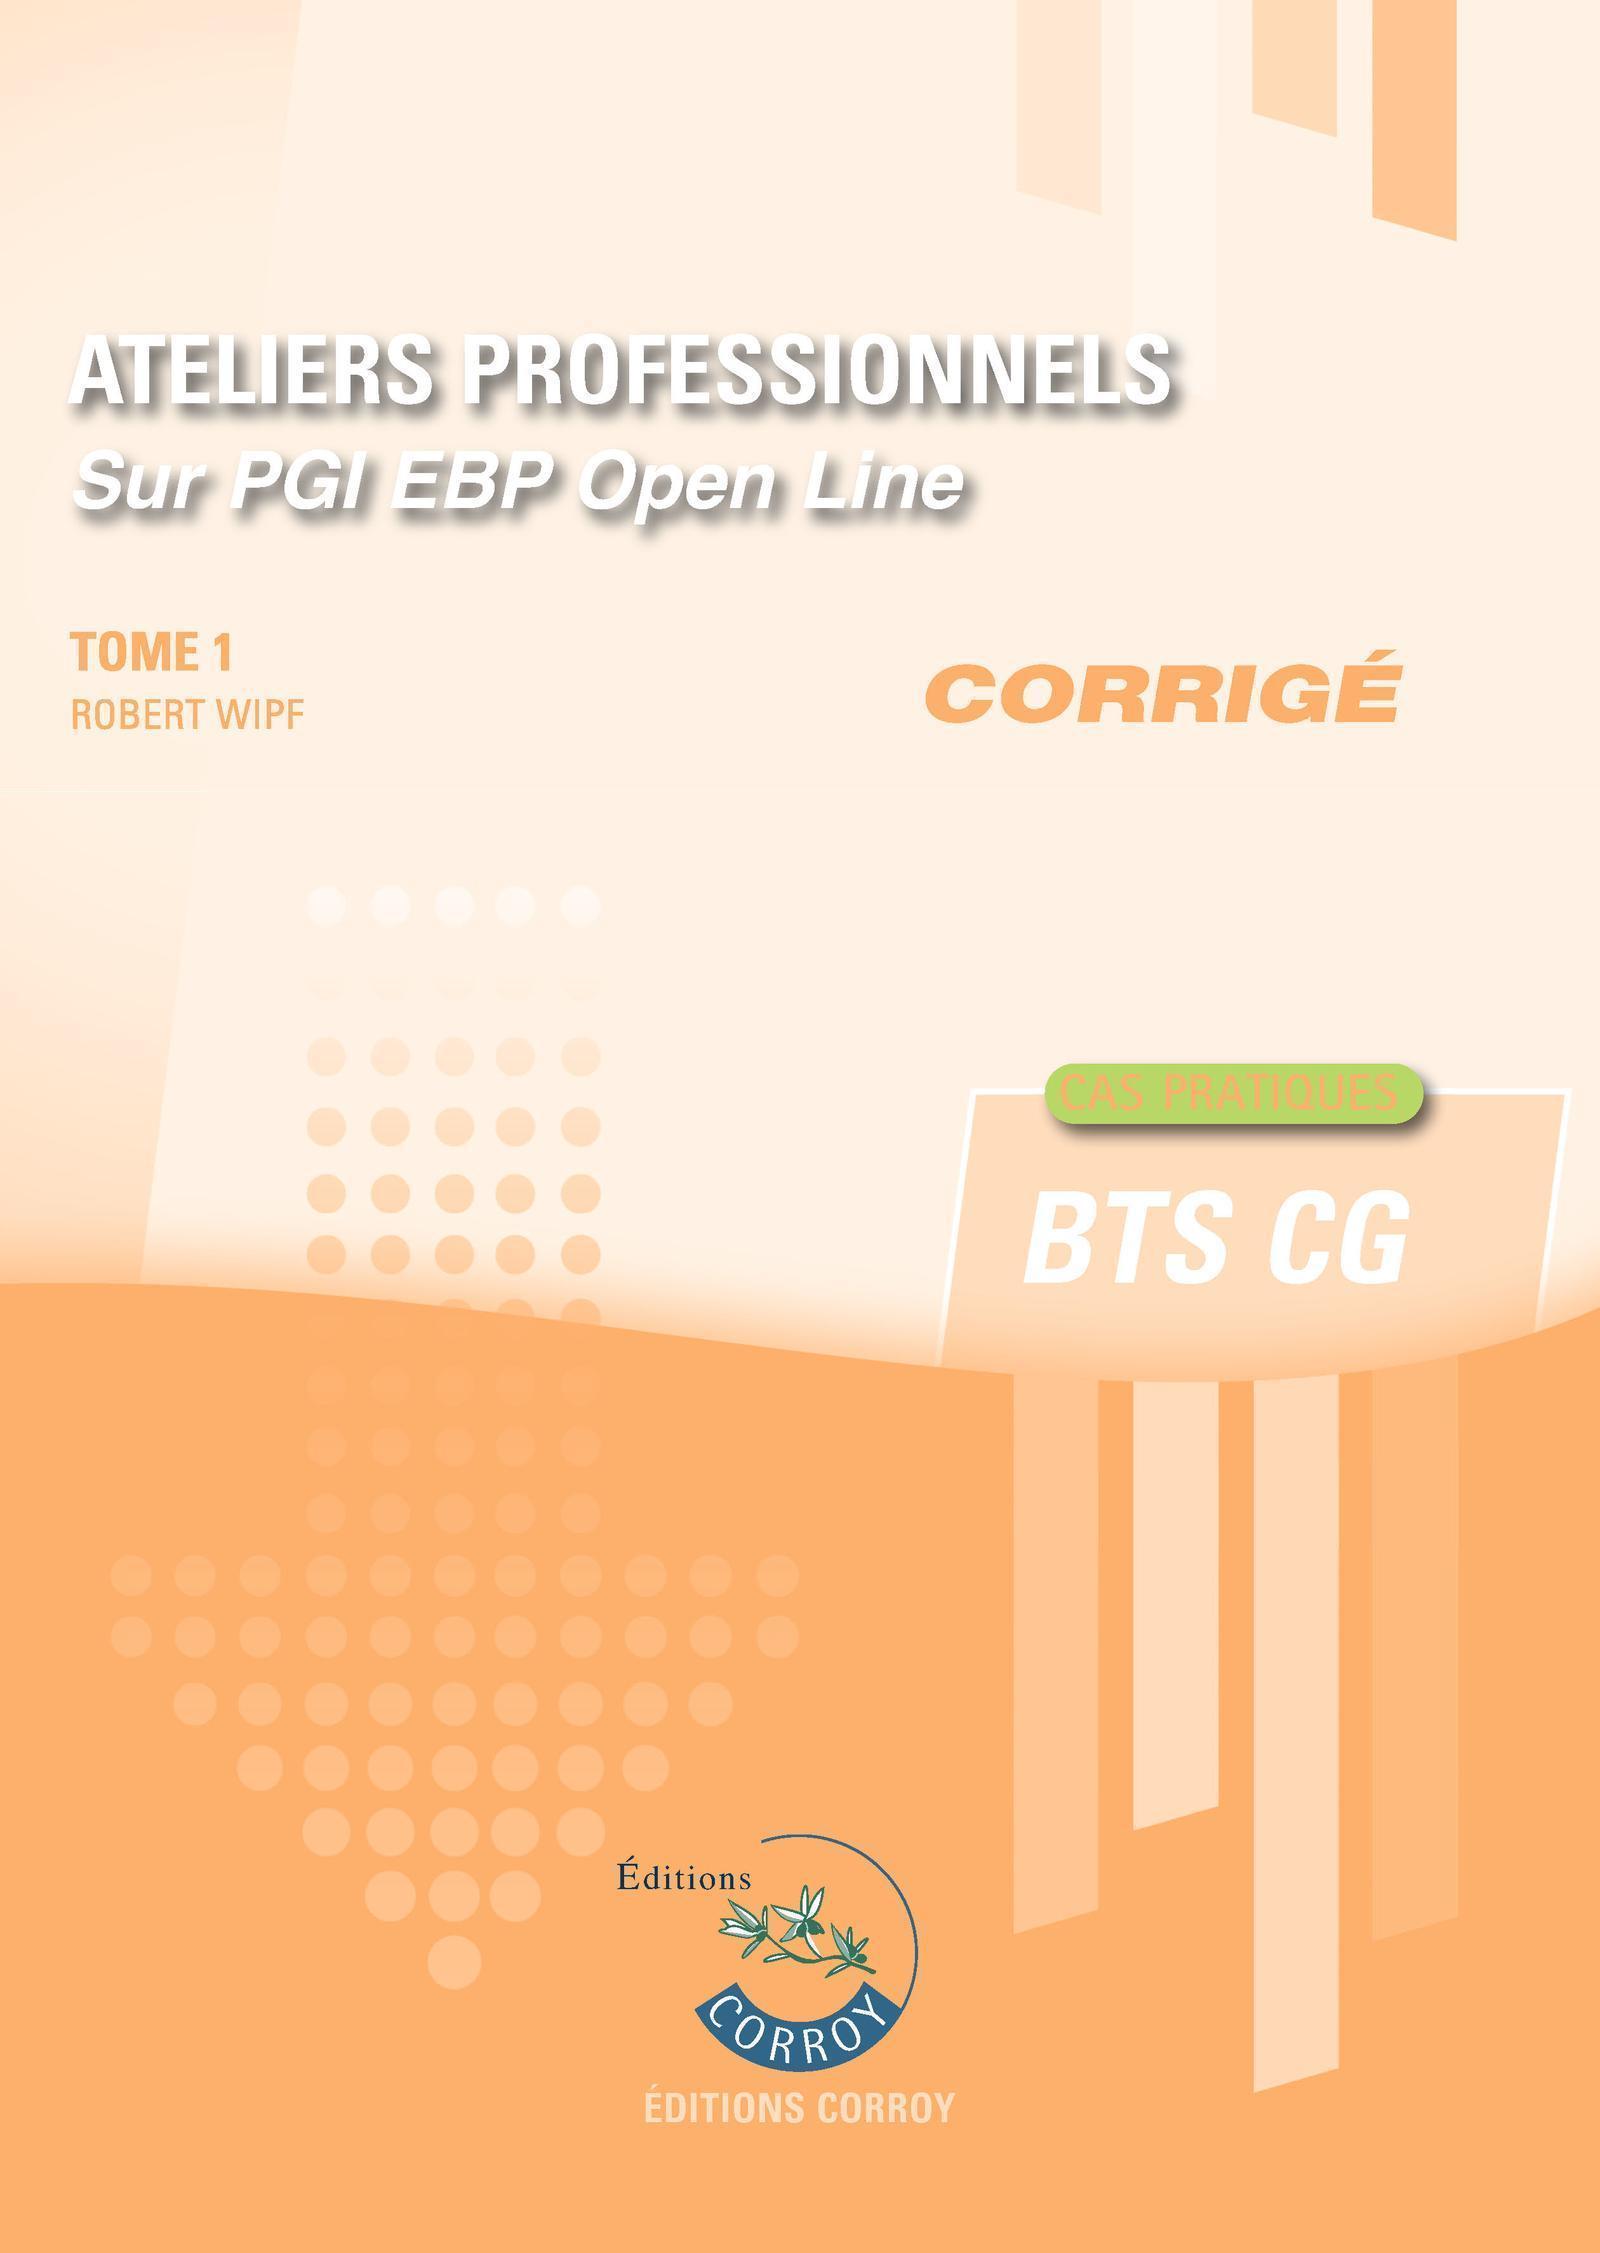 ATELIERS PROFESSIONNELS T1 - CORRIGE - SUR PGI EBP OPEN LINE